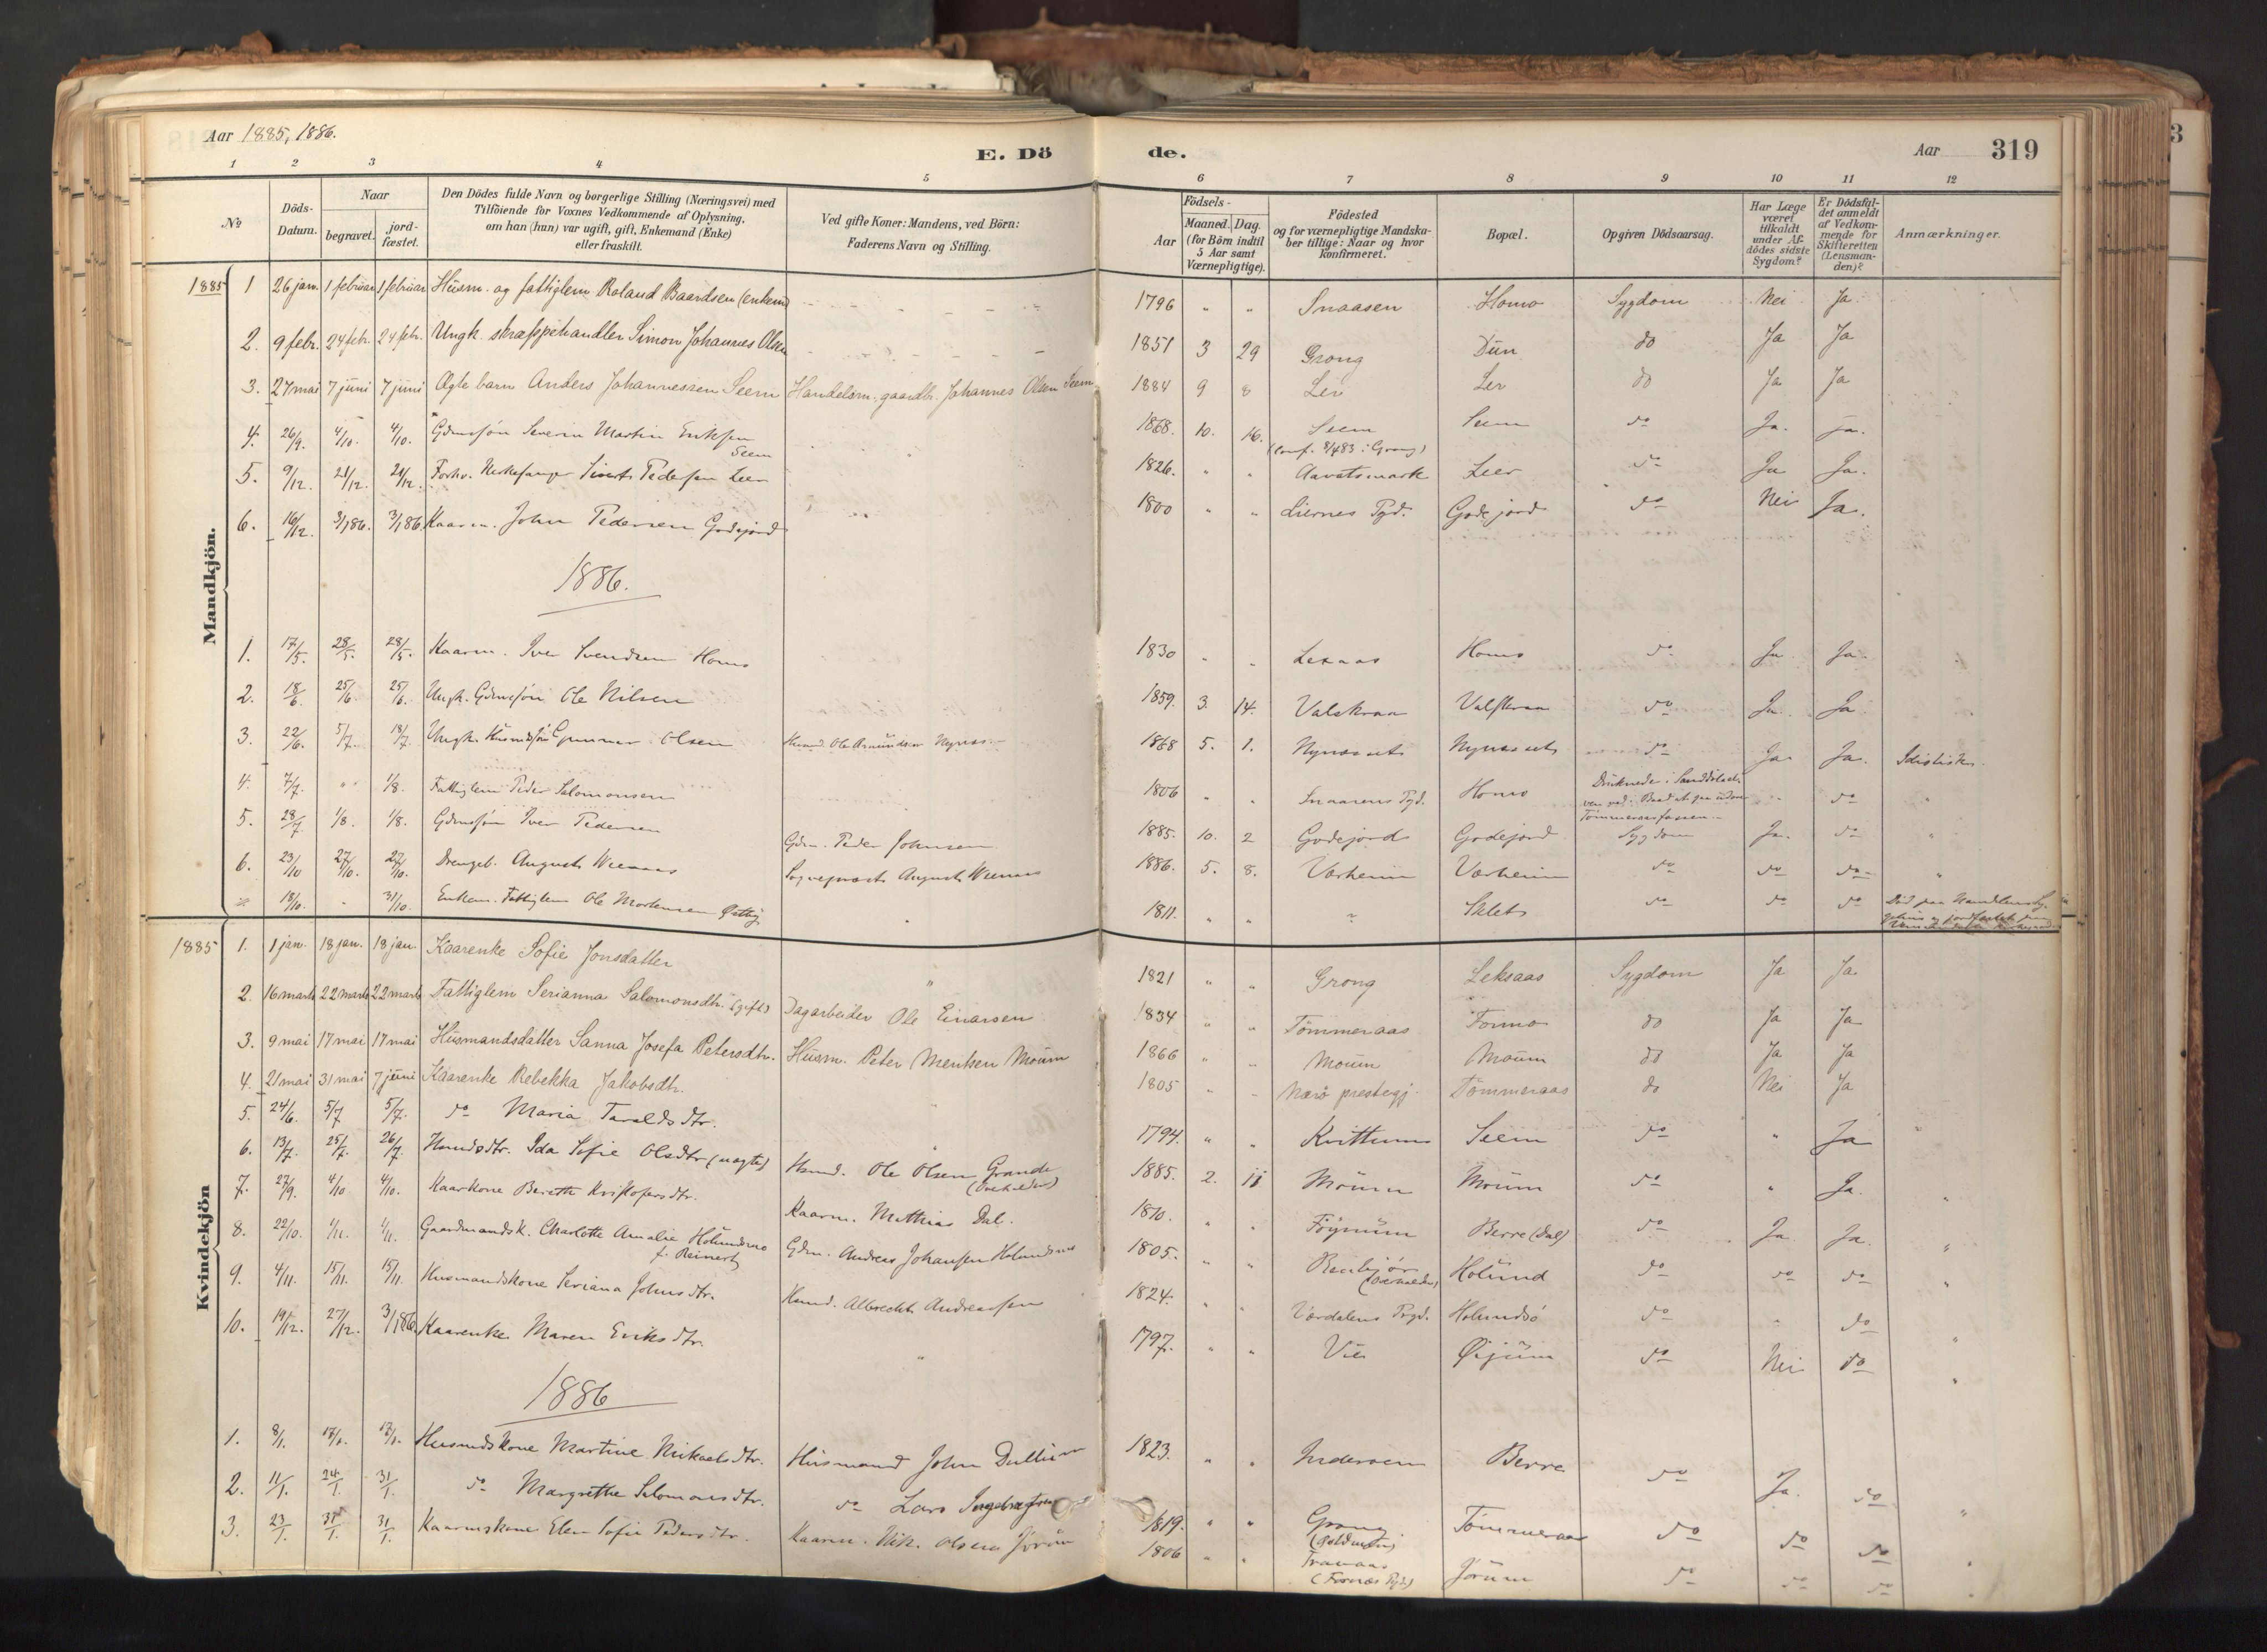 SAT, Ministerialprotokoller, klokkerbøker og fødselsregistre - Nord-Trøndelag, 758/L0519: Ministerialbok nr. 758A04, 1880-1926, s. 319